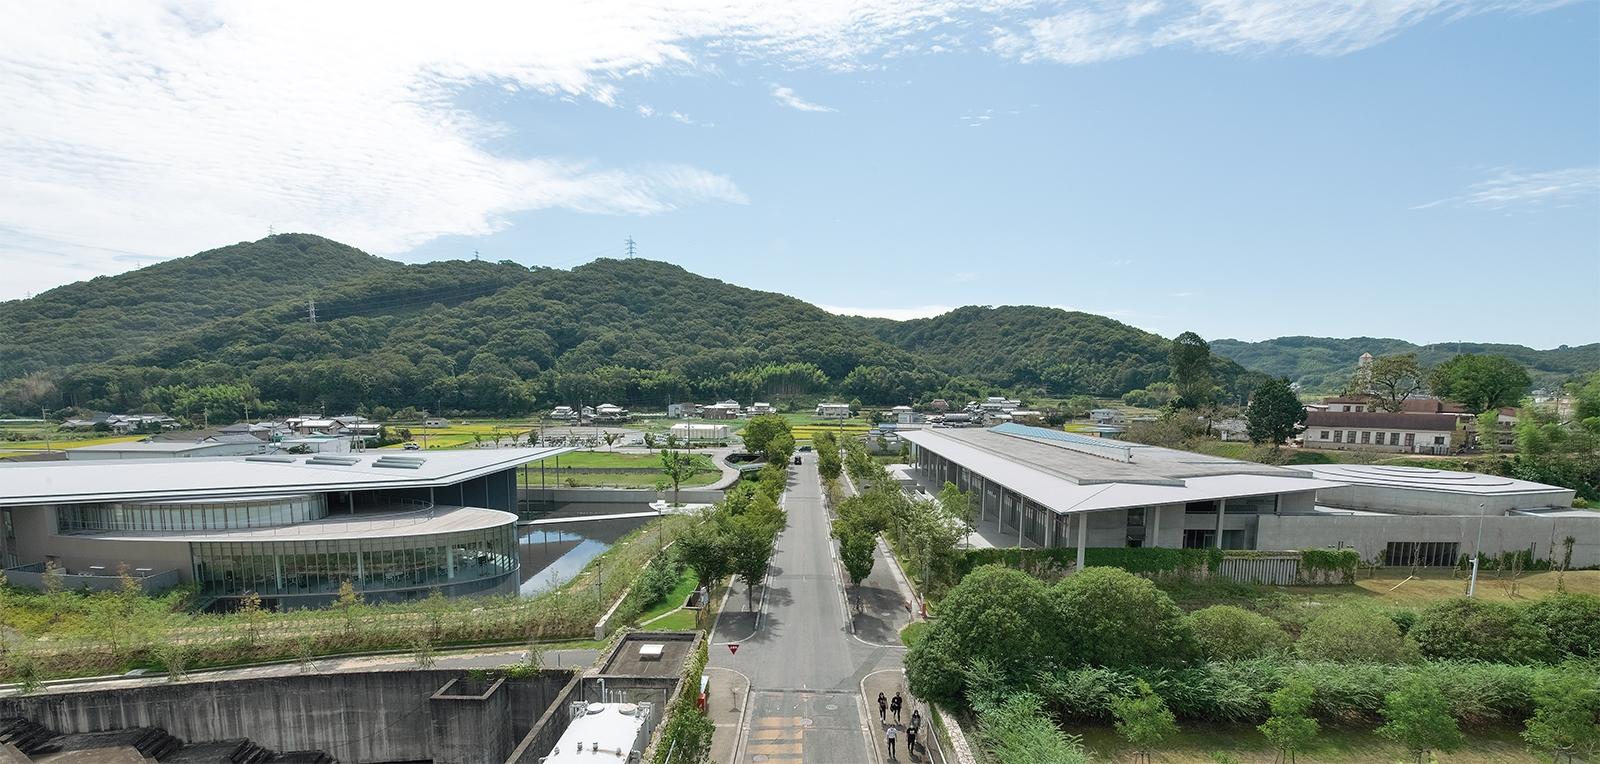 IPU・環太平洋大学のキャンパス。安藤忠雄氏が最初に設計した施設が2009年に完成して以来、同氏が継続して5つの施設を手掛けた。07年の開学時に、旧短大校舎を活用するよう勧めたのは安藤氏だ(写真:生田 将人)